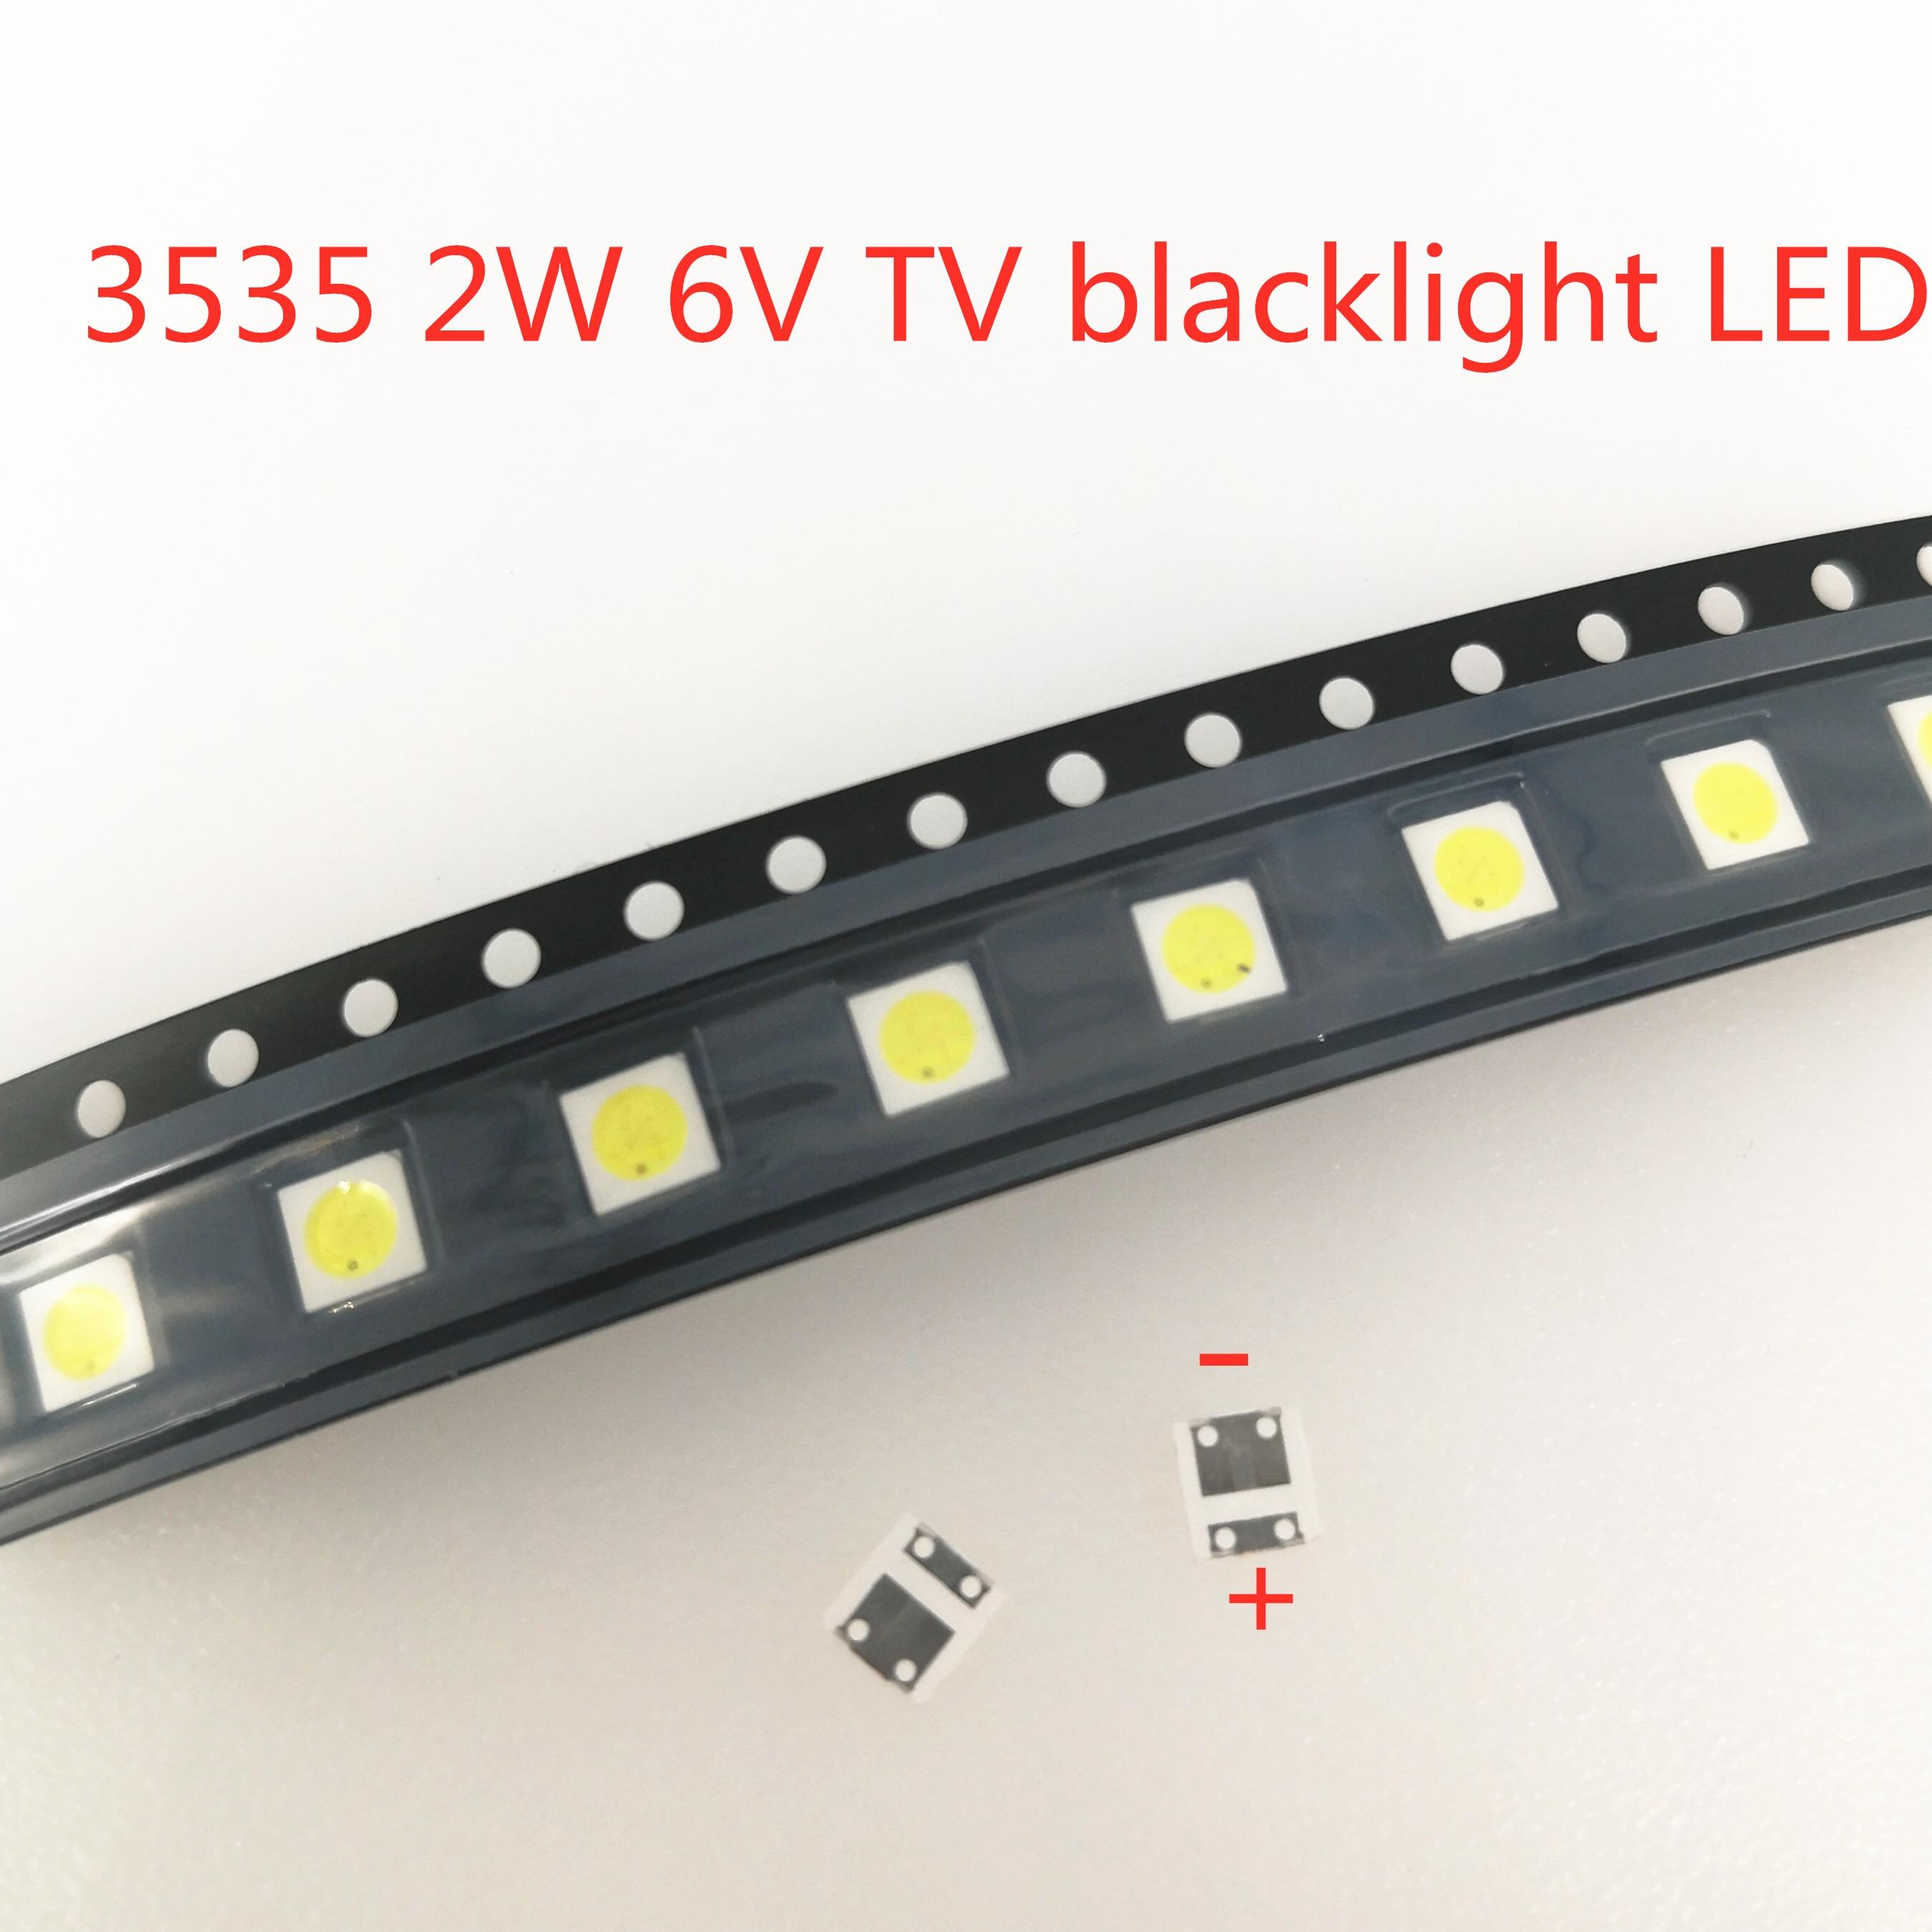 50-1000PCS 2W 6V 3V 1W 3535 SMD Substituir LG Innotek TV LCD voltar Contas de Luz TV Reparação Backlight Diodo Aplicação